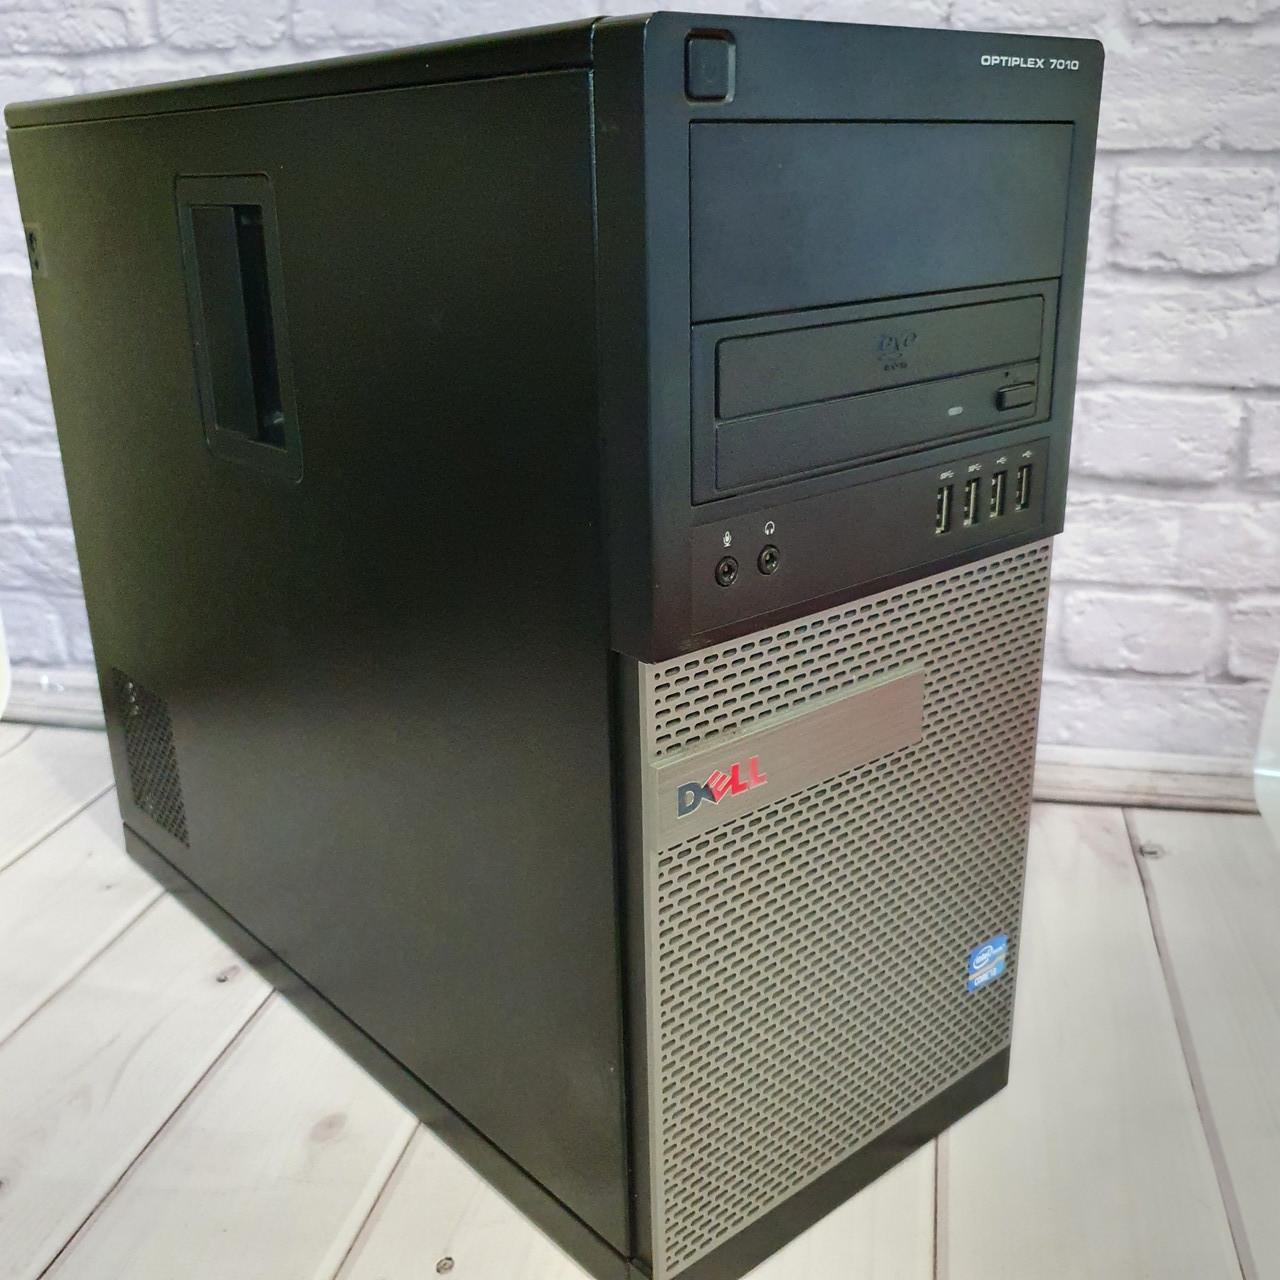 Системный блок Game Edition Game (Intel Corei5-3470 4x3.60Ghz/8Gb DDR3/HDD 240Gb/HDD 1Tb GTX 1060 3Gb GDDR5)